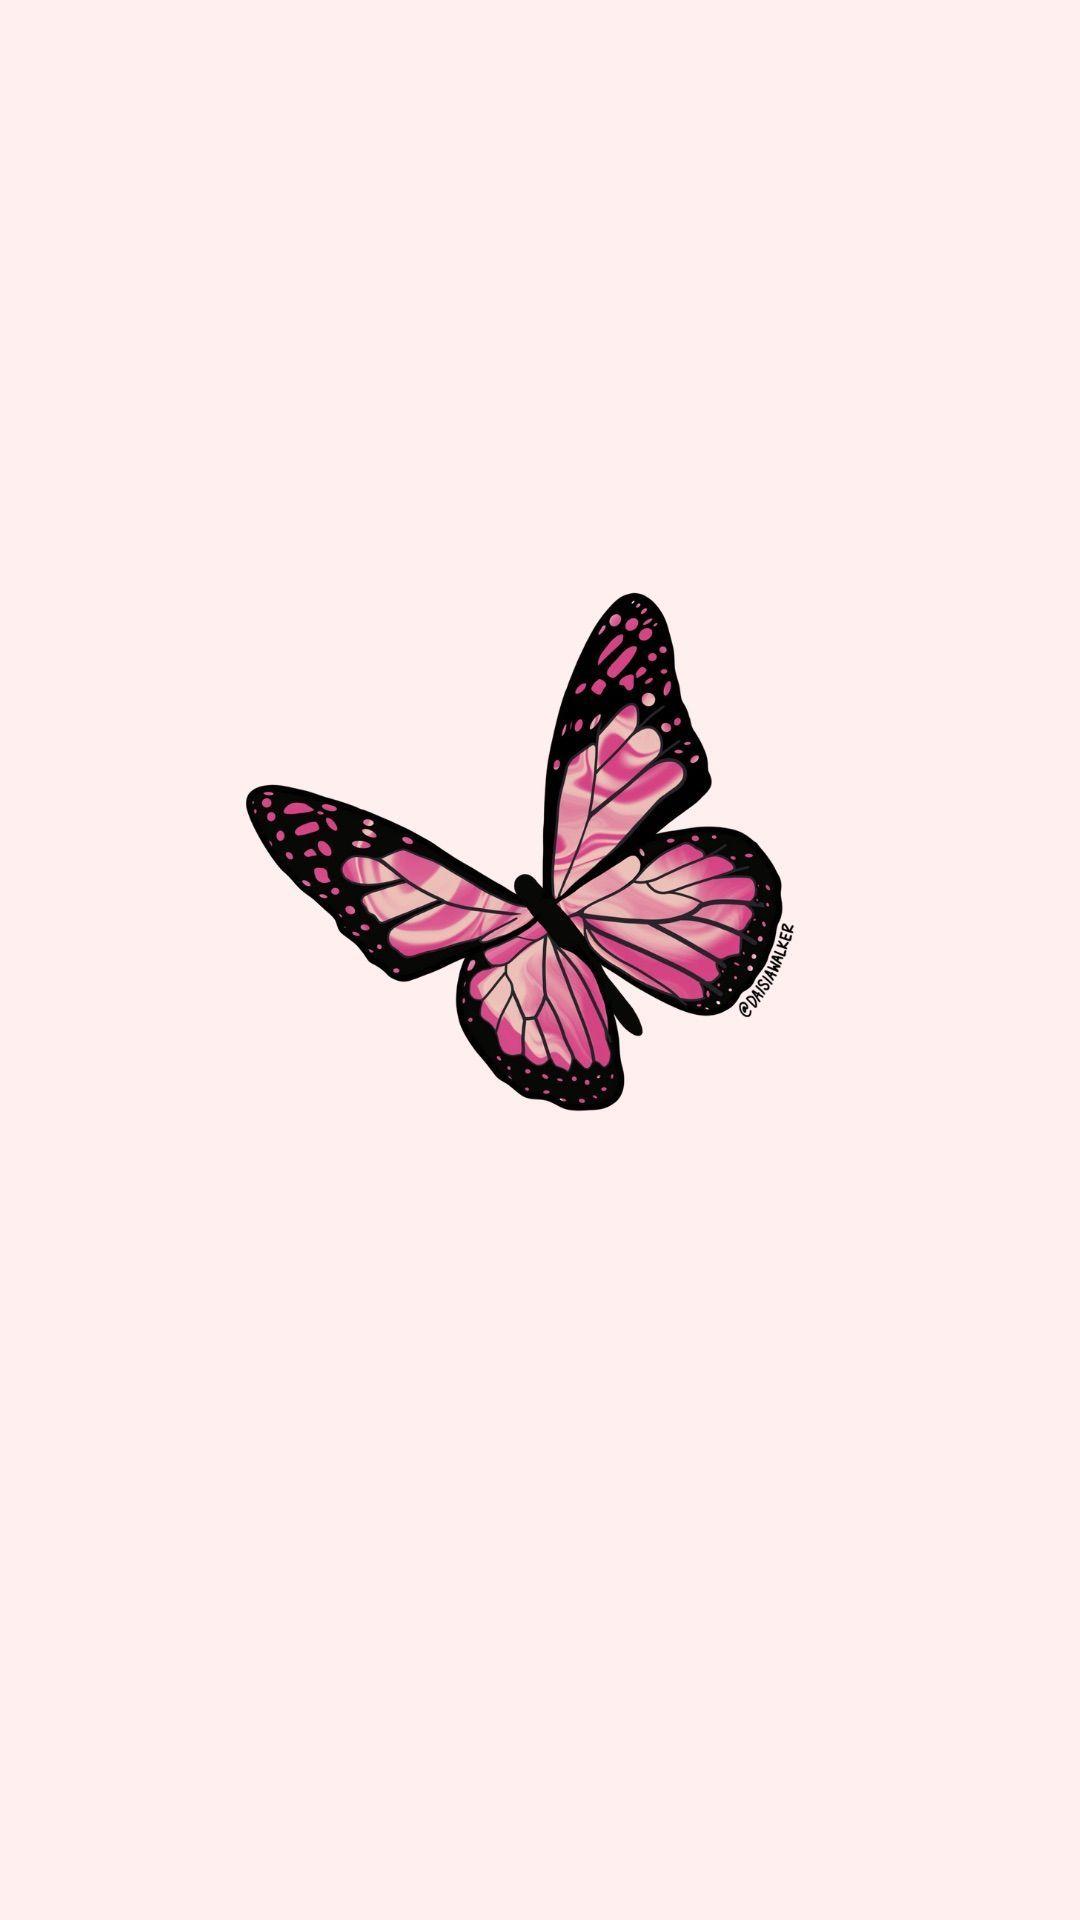 Pin By Rhashel Shel On Cool Butterfly Wallpaper Cellphone Wallpaper Pretty Wallpapers